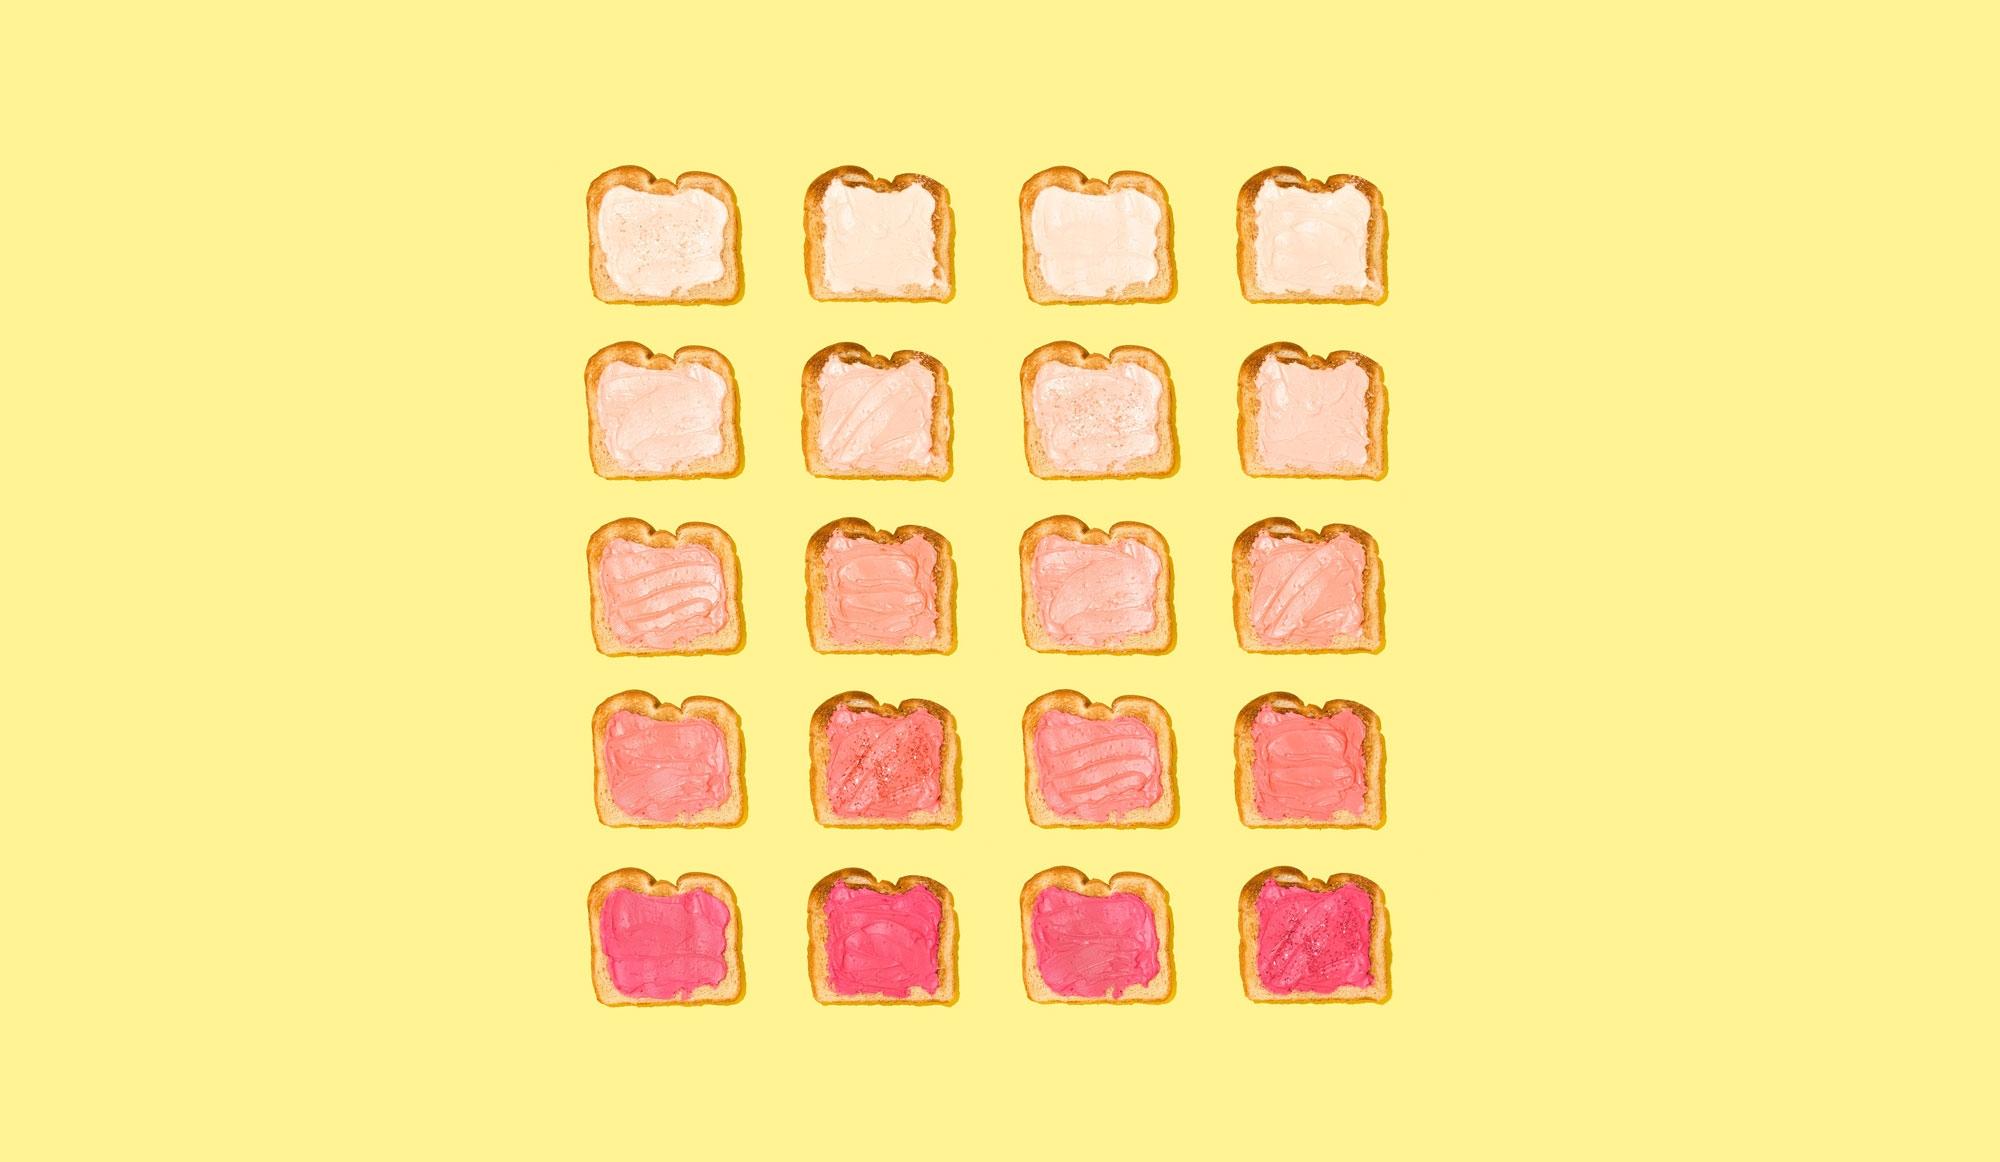 Toast x 20